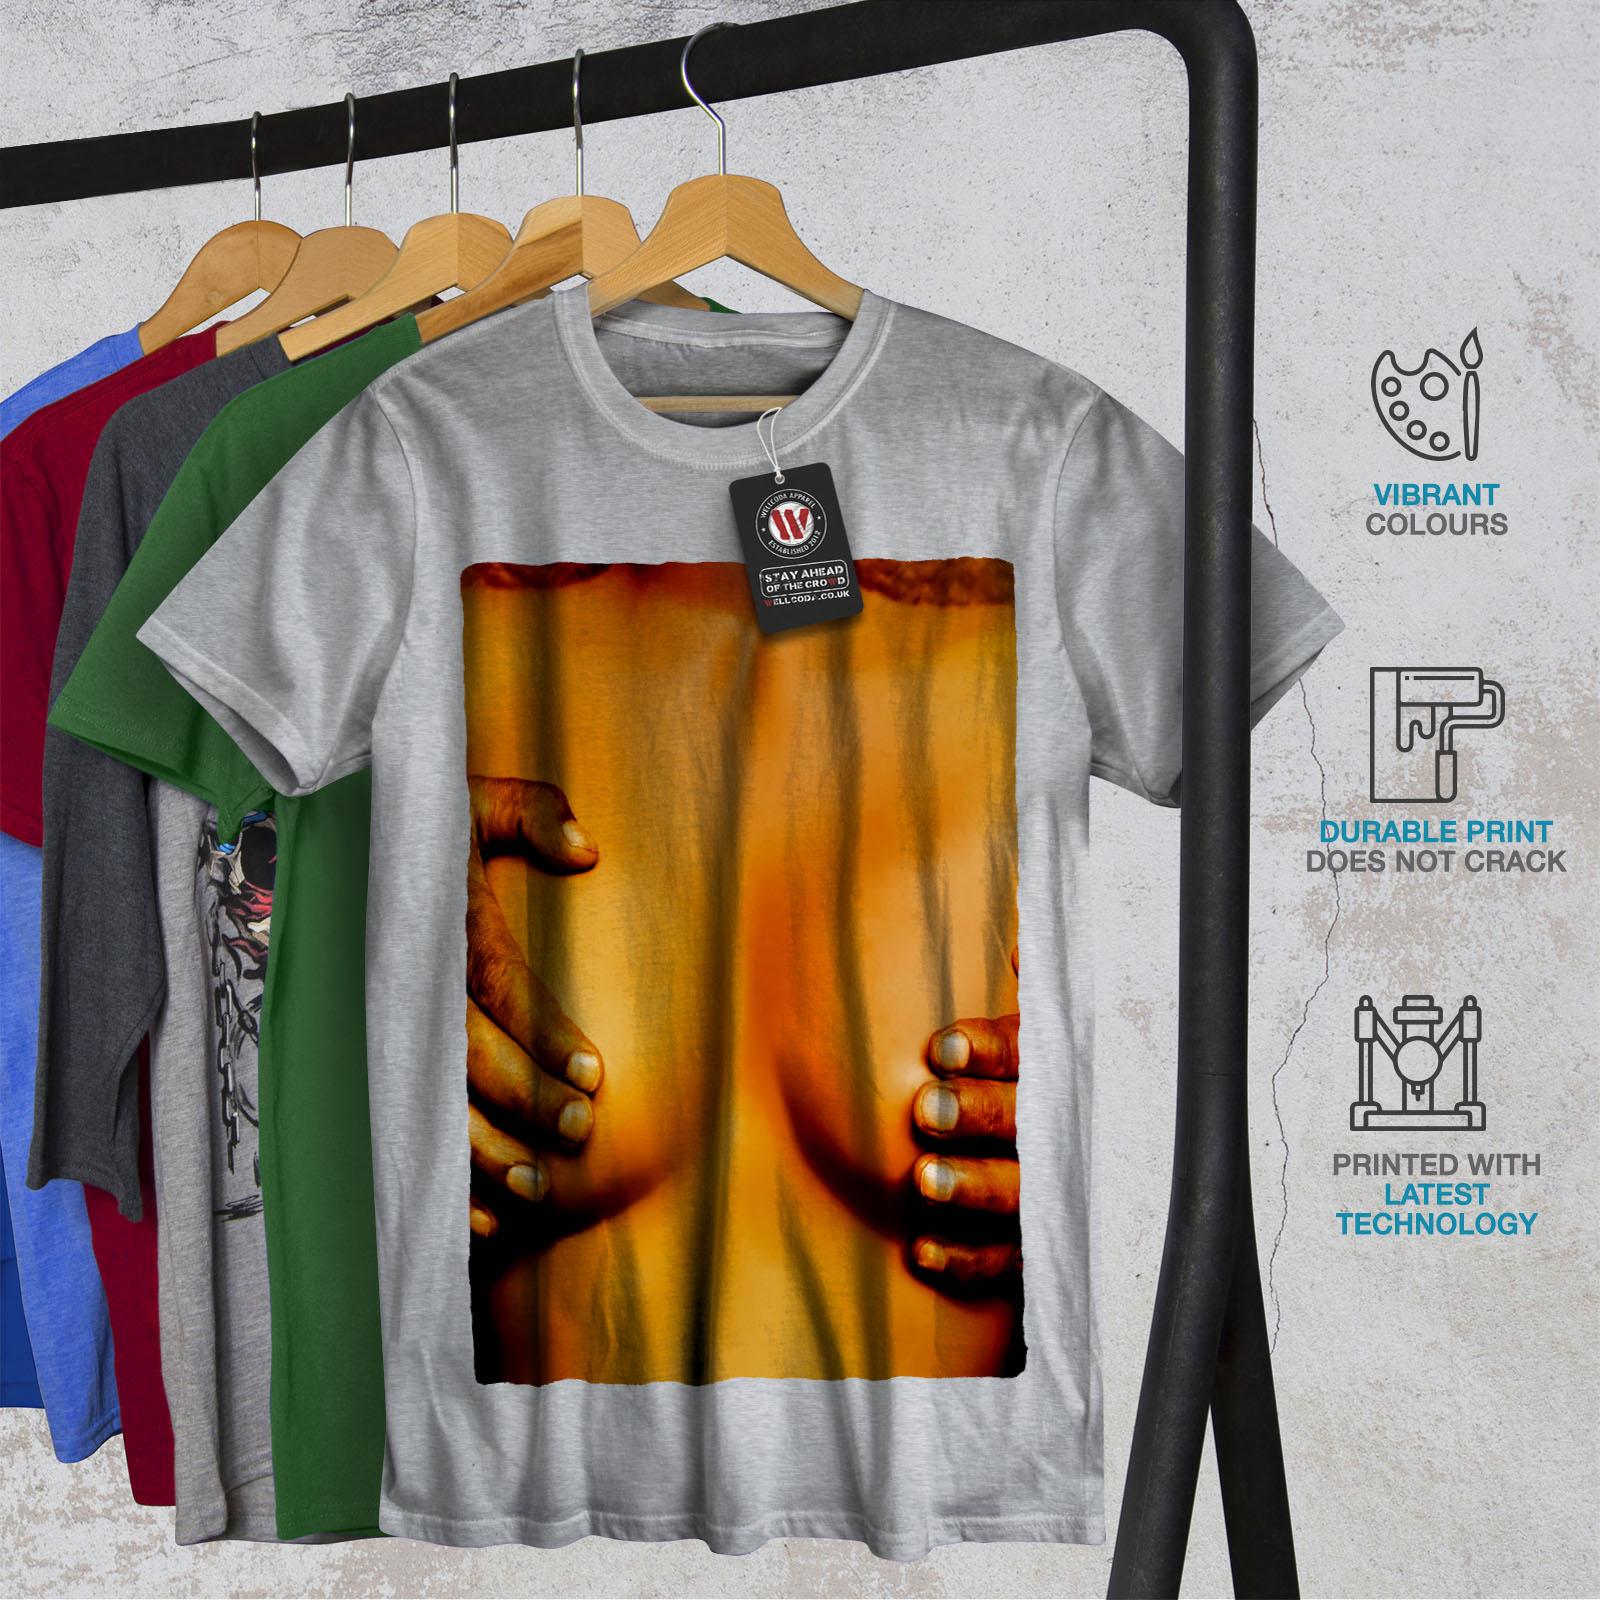 Wellcoda Naked Hot Girl Photo Mens T-shirt, Teen Graphic